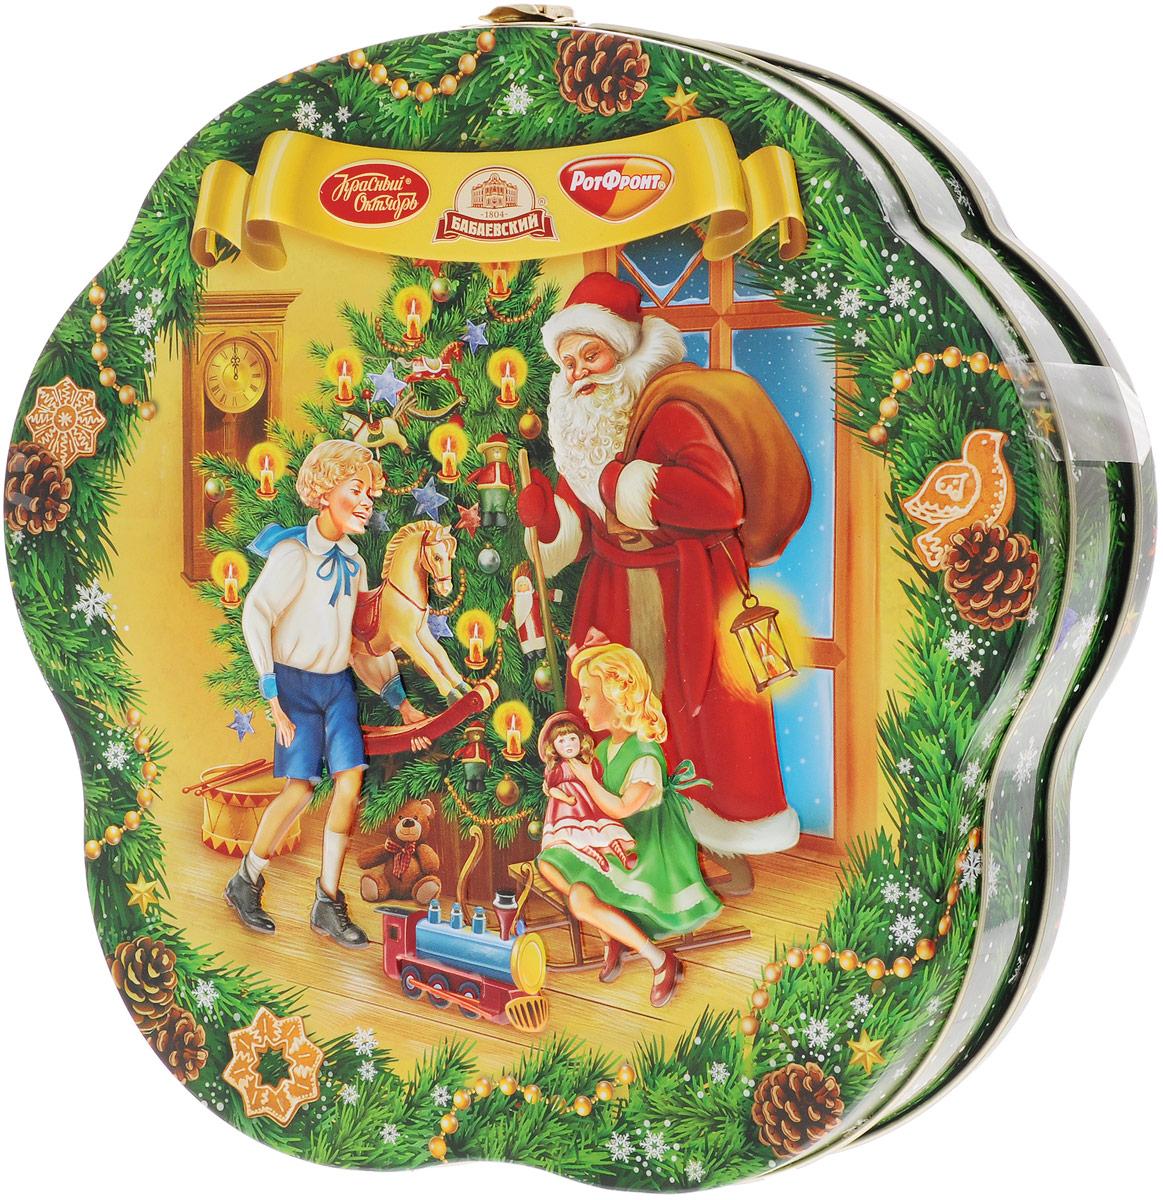 Рот-Фронт Новогодний подарок Праздничный, 1000 гРФ14503С новогодним подарком Рот-Фронт Праздничный ваш дом превратится в большую Новогоднюю сладкую сказку. Набор поставляется в красочной новогодней упаковке. Противопоказано при индивидуальной непереносимости белка молока и/или яичного белка. Состав набора: «Мечта» (3 шт) «Фея» (3 шт) «Дюшес» (2 шт) «Барбарис» (2 шт) «Мисс Ягодка со сливками» (3 шт) «Лимончики» (3 шт) «Гусиные лапки» (3шт) «Москвичка» (4 шт) «Бабаевская Белочка» (2 шт) «Петушок - золотой гребешок» (2 шт) «Маска» (2 шт) «Грильяж в шоколаде» (2 шт) «Красная шапочка» (1 шт) «Мишка косолапый» (3шт) «Коровка» вкус Топленое молоко (3 шт) «Огни Москвы» (2 шт) «Коровка» 30% молока (2 шт), «Цитрон» (2 шт) «Киви» (2 шт) «Батончики «РОТ ФРОНТ» (2 шт) «Славянский простор» (2 шт) «Трюфели» (2 шт) «Вафельные конфеты «Коровка» вкус Шоколад» (3 шт) «Вафельные конфеты...